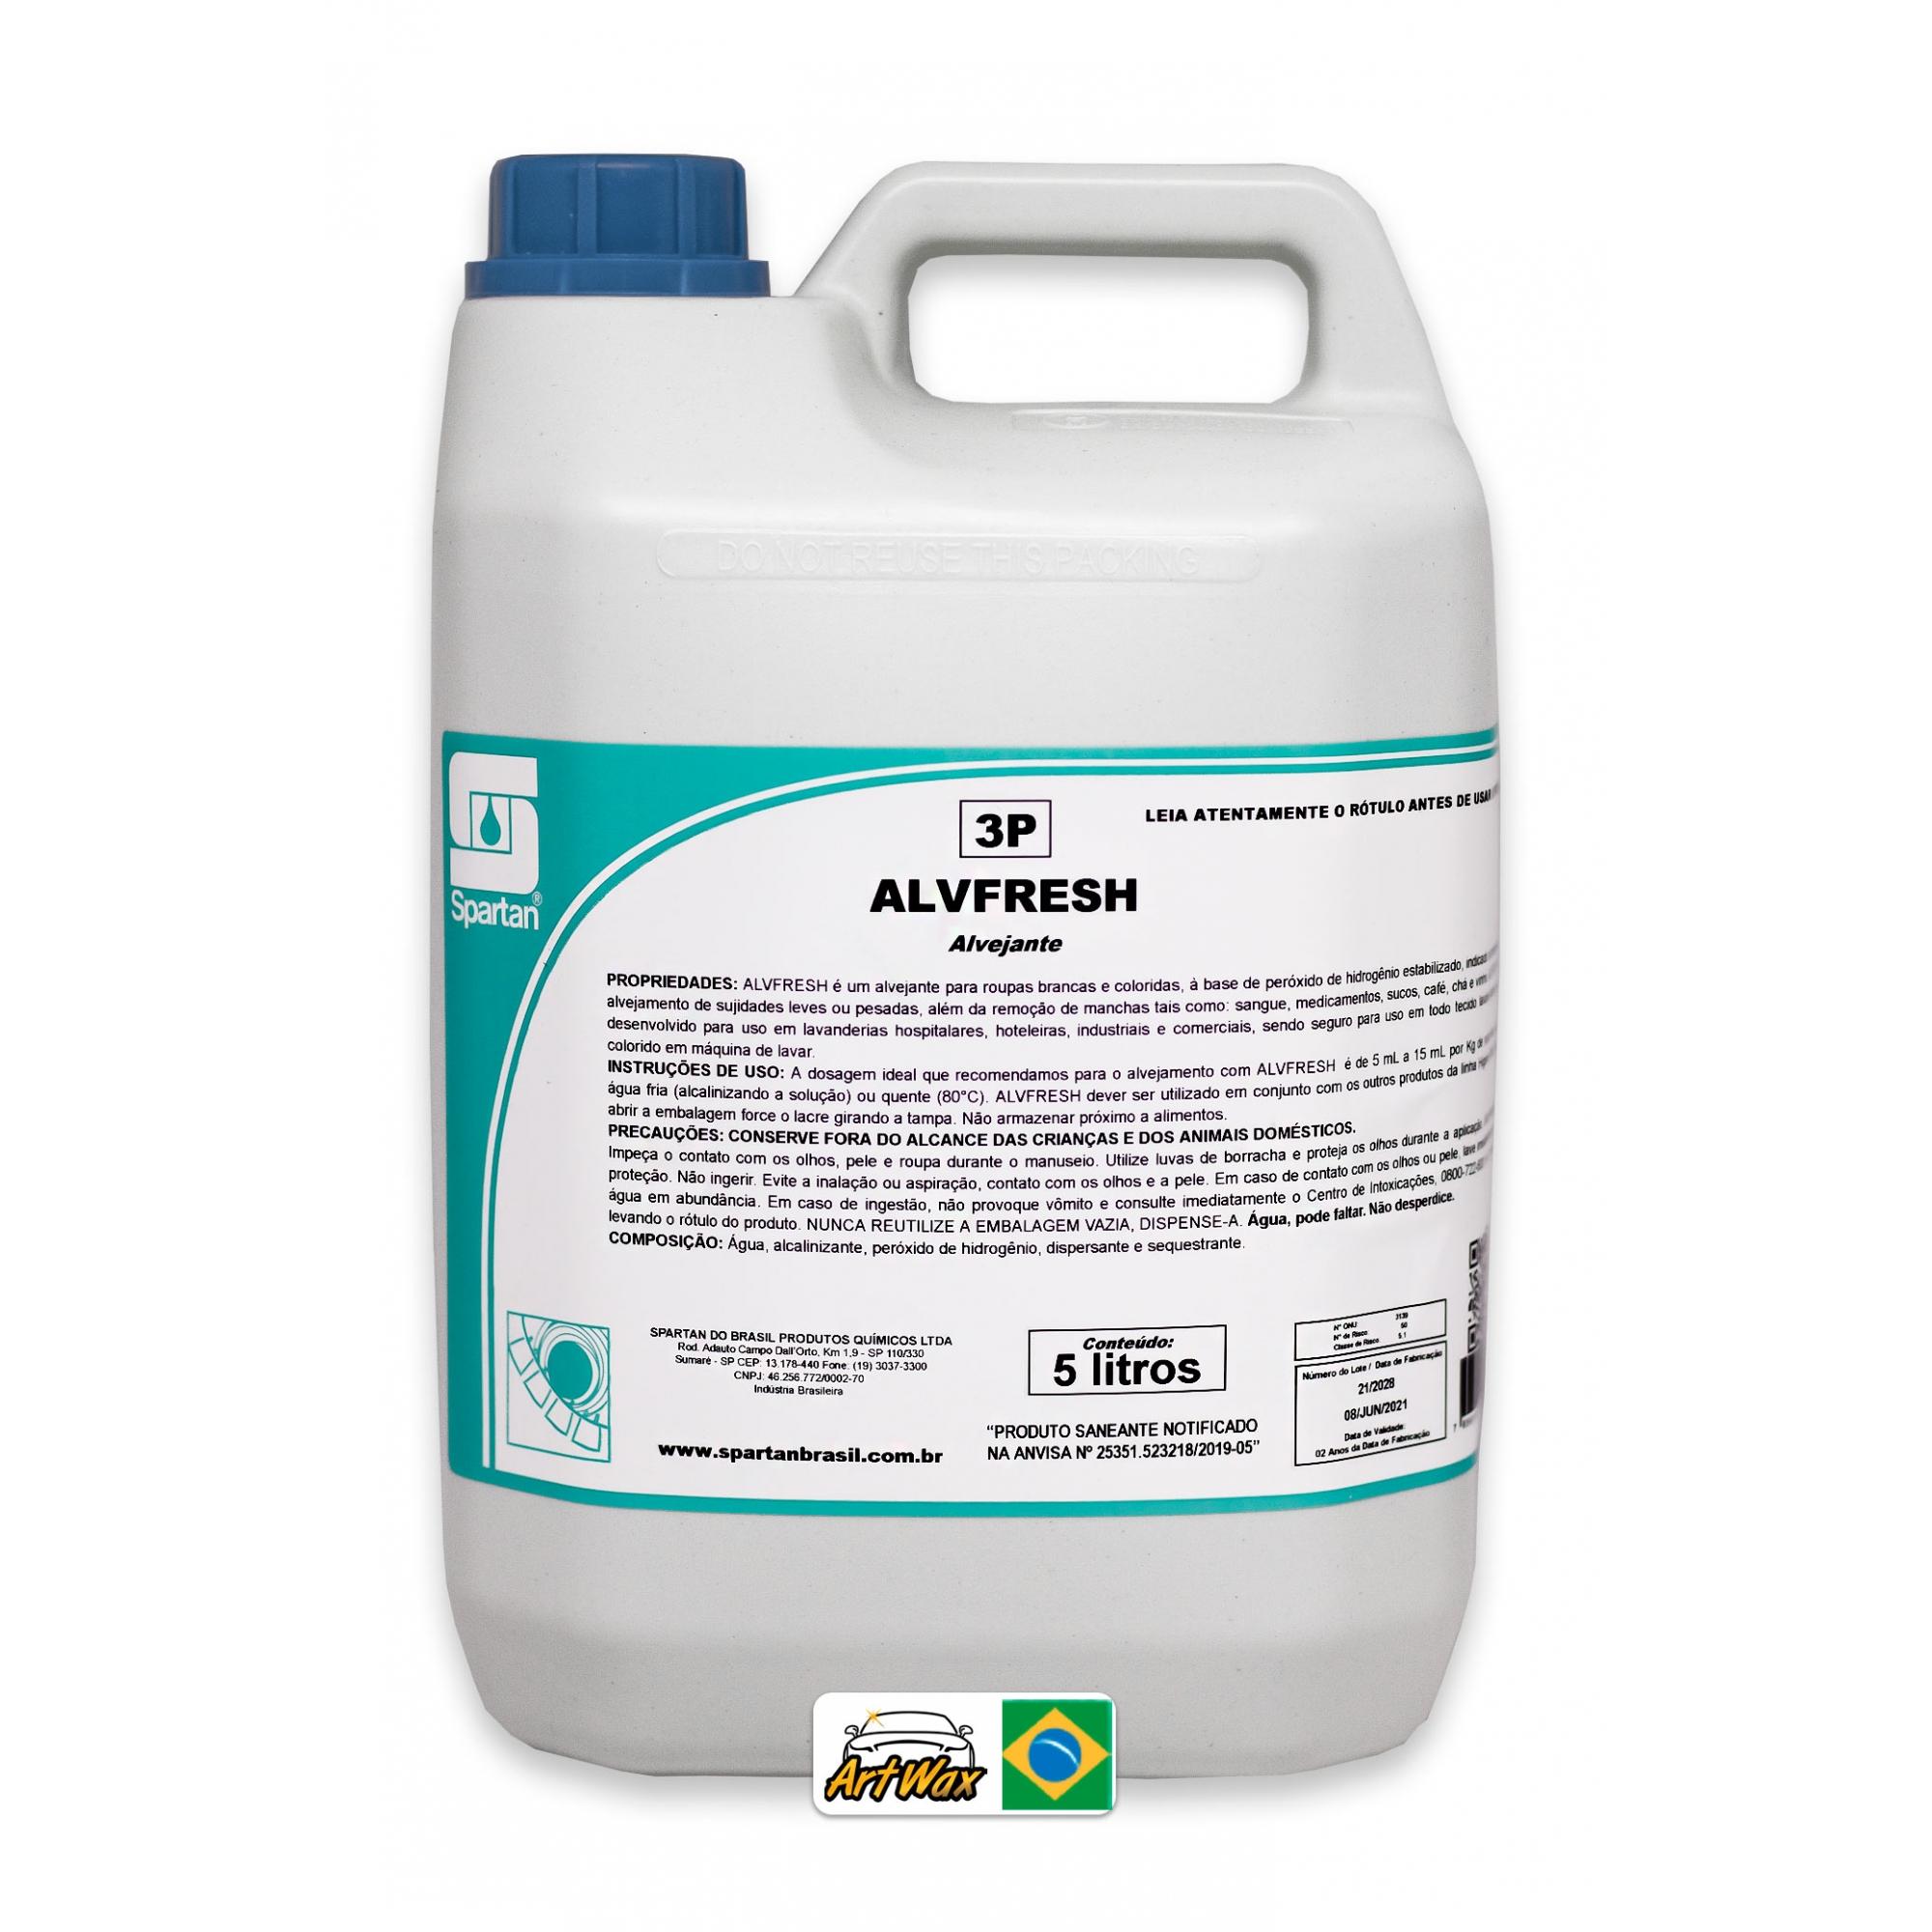 Spartan Alvfresh 5L - Alvejante Tecidos Brancos e Coloridos à Base de Peroxido de Hidrogênio